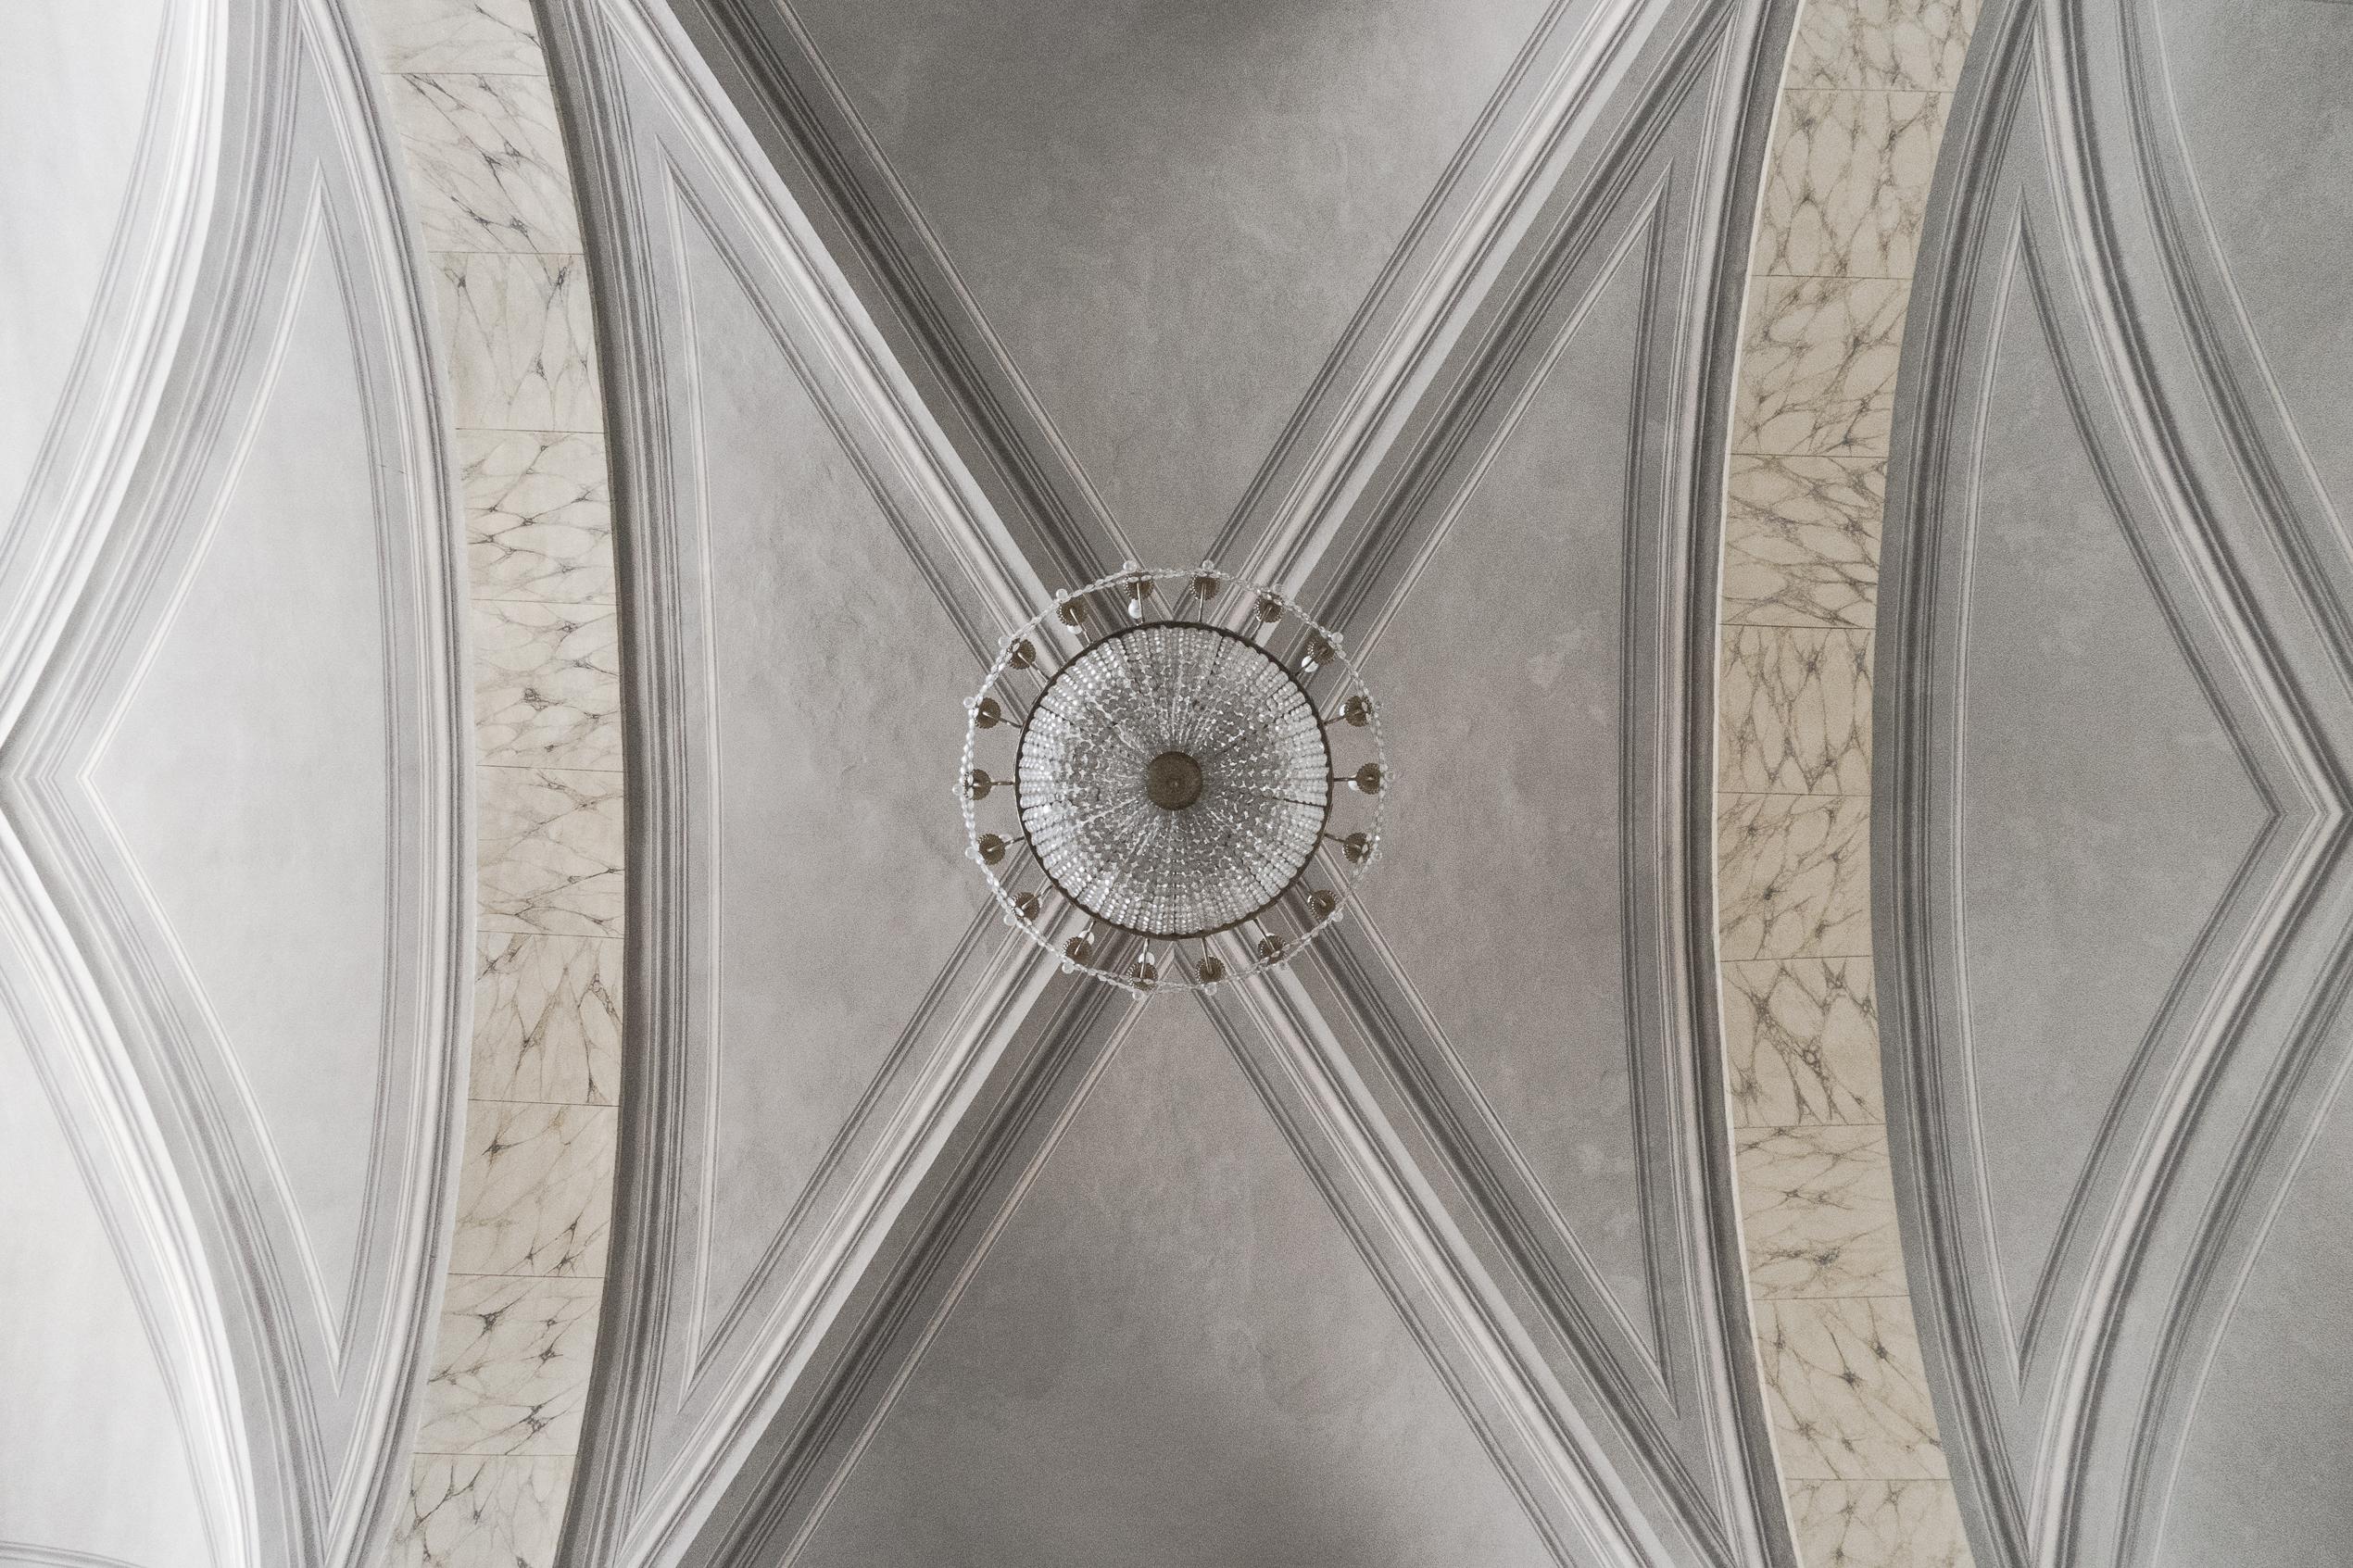 Pitigliano – Duomo Di Pitigliano